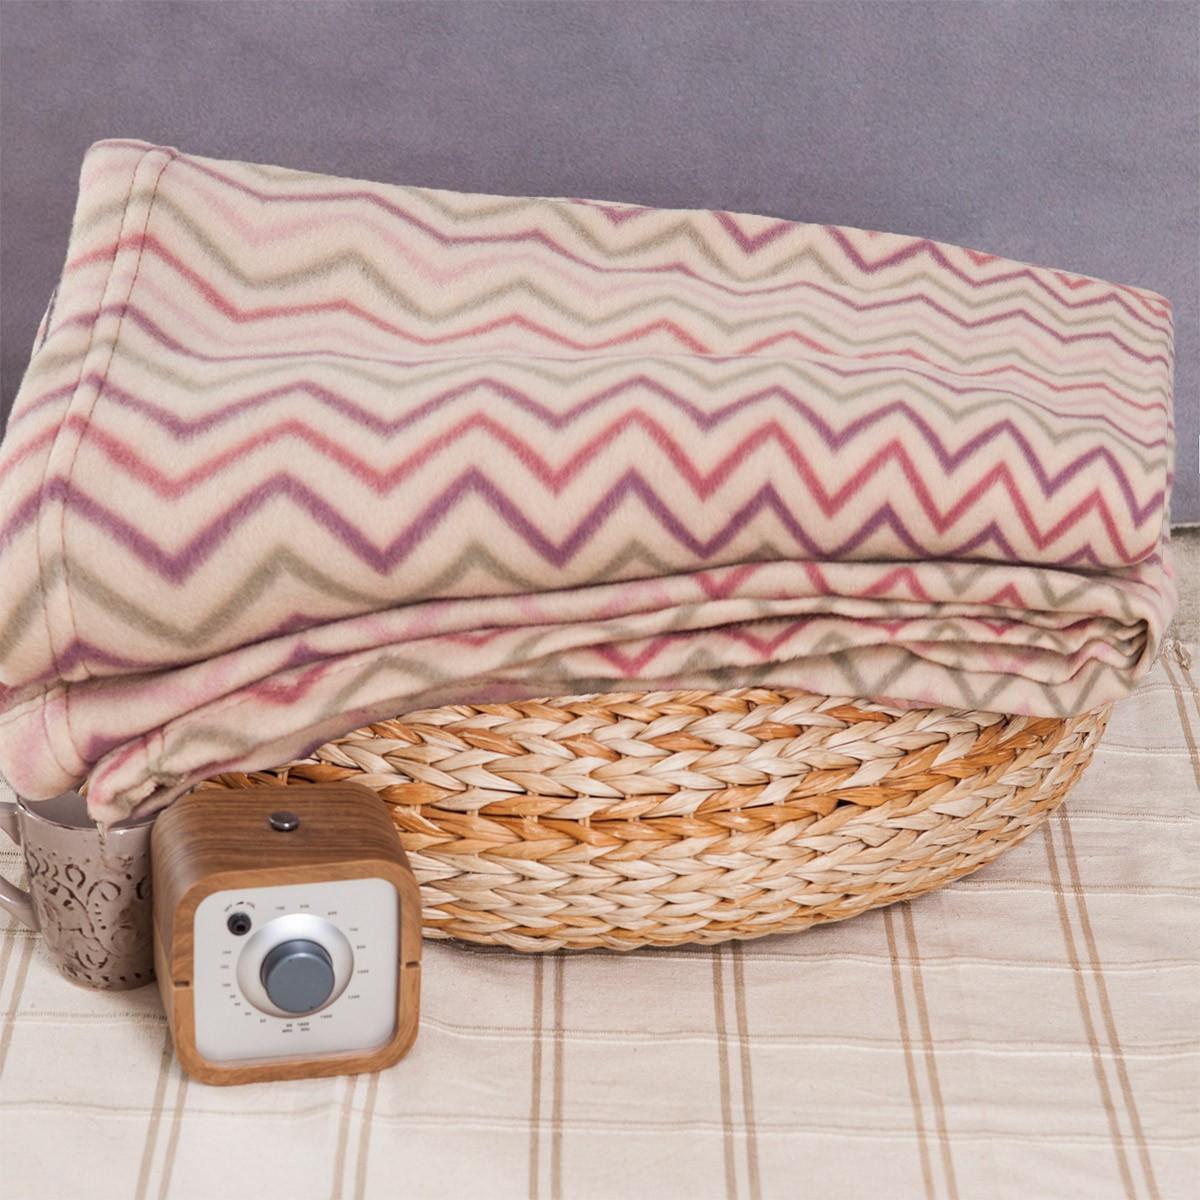 Κουβέρτα Fleece Διπλή Melinen Zig Zag home   κρεβατοκάμαρα   κουβέρτες   κουβέρτες fleece υπέρδιπλες